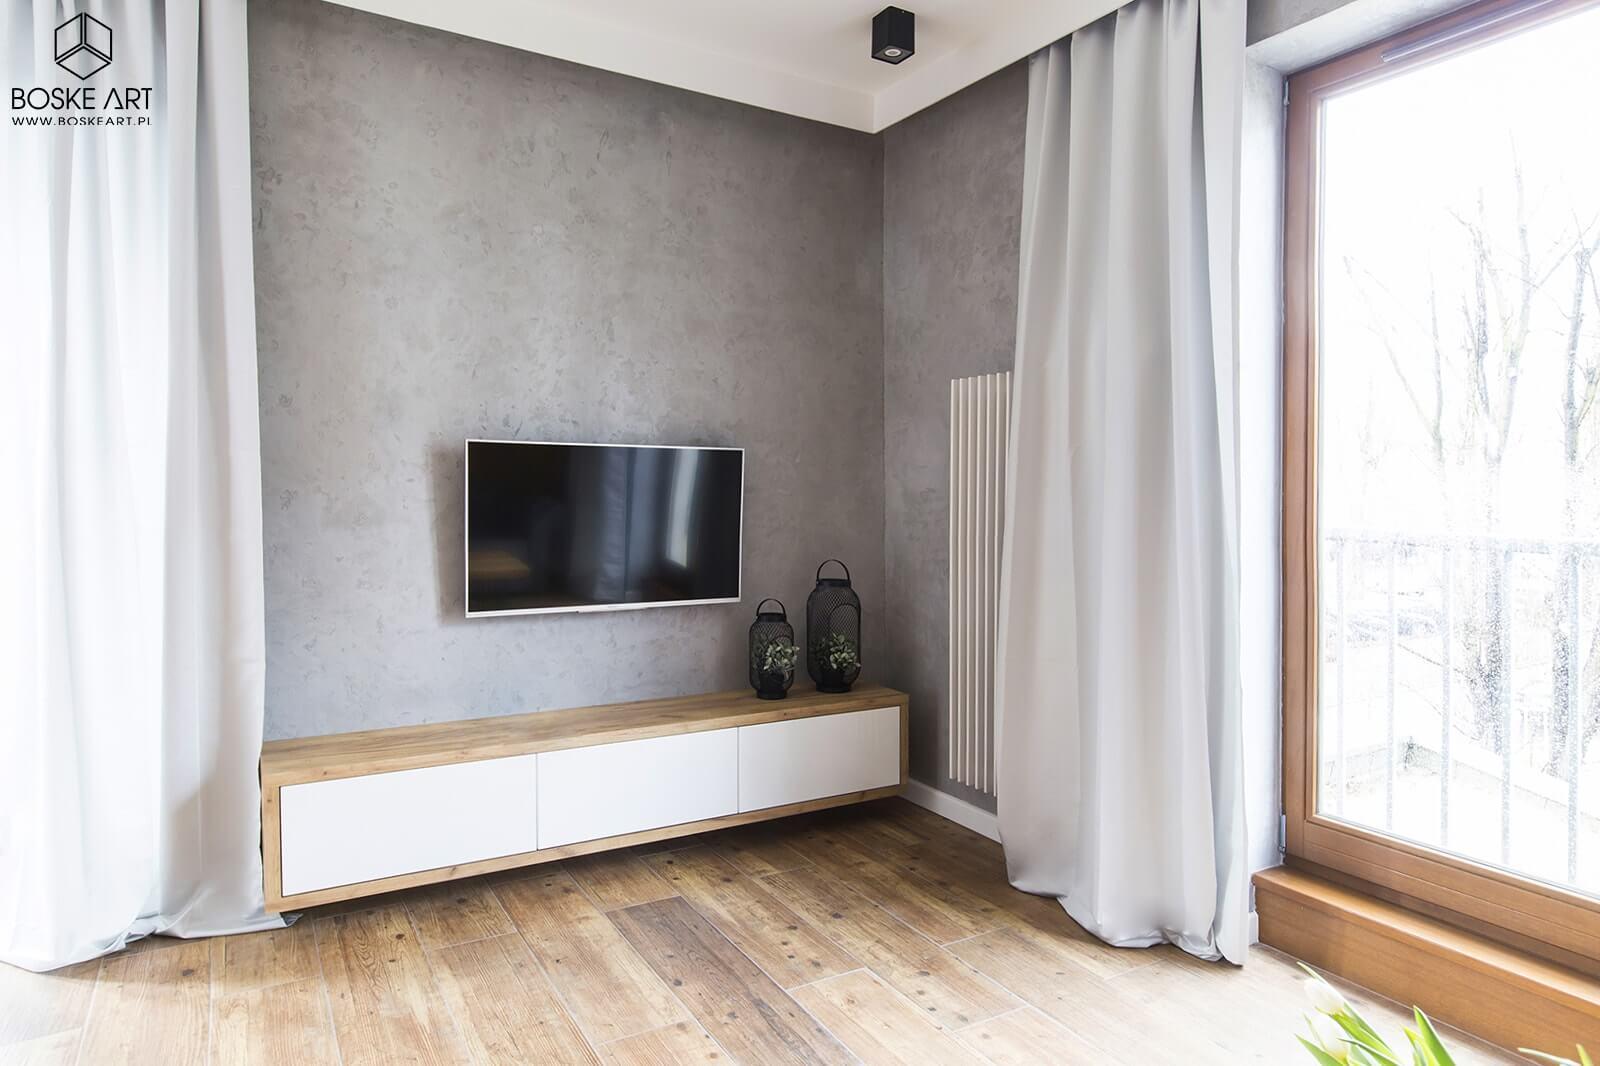 9_apartamenty_na_wynajem_poznan_boske_art_projektowanie_aranzacja_architektura_wnetrz_natalia_robaszkeiwicz-min